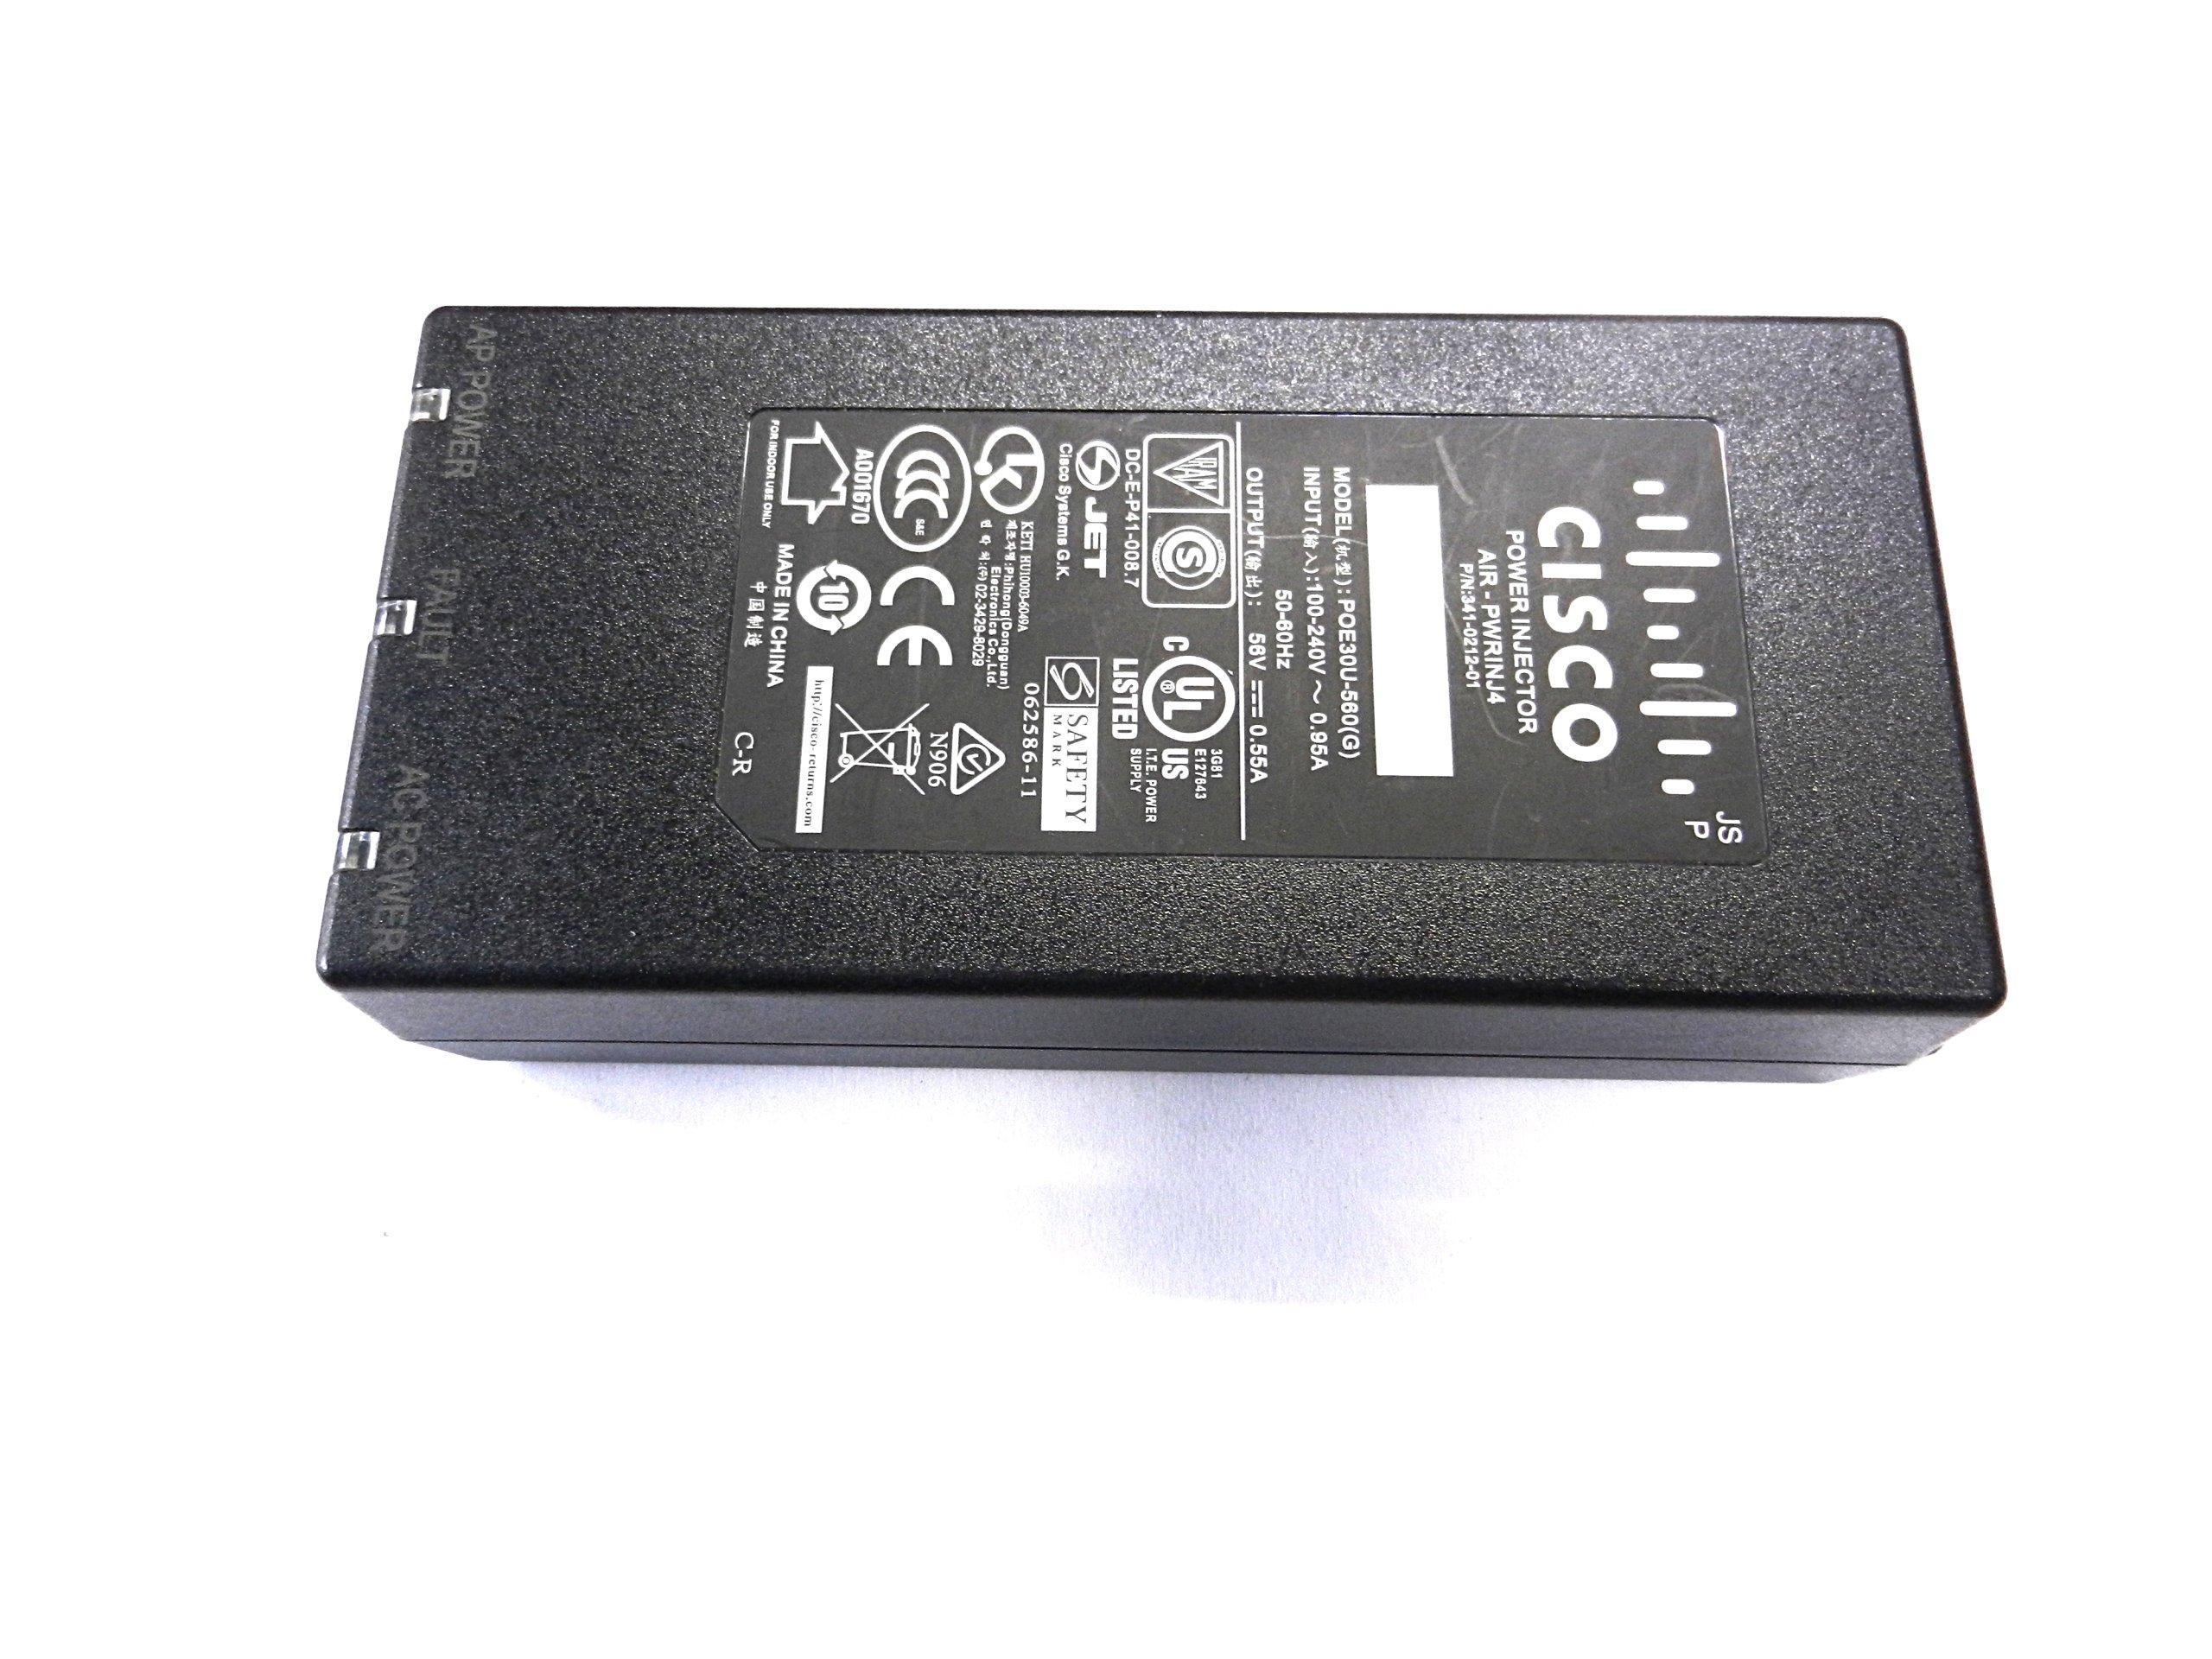 Cisco Poe W Oficjalnym Archiwum Allegro Strona 4 Ofert 8 Port 10 100 Managed Switch Sf302 08pp K9 Eu